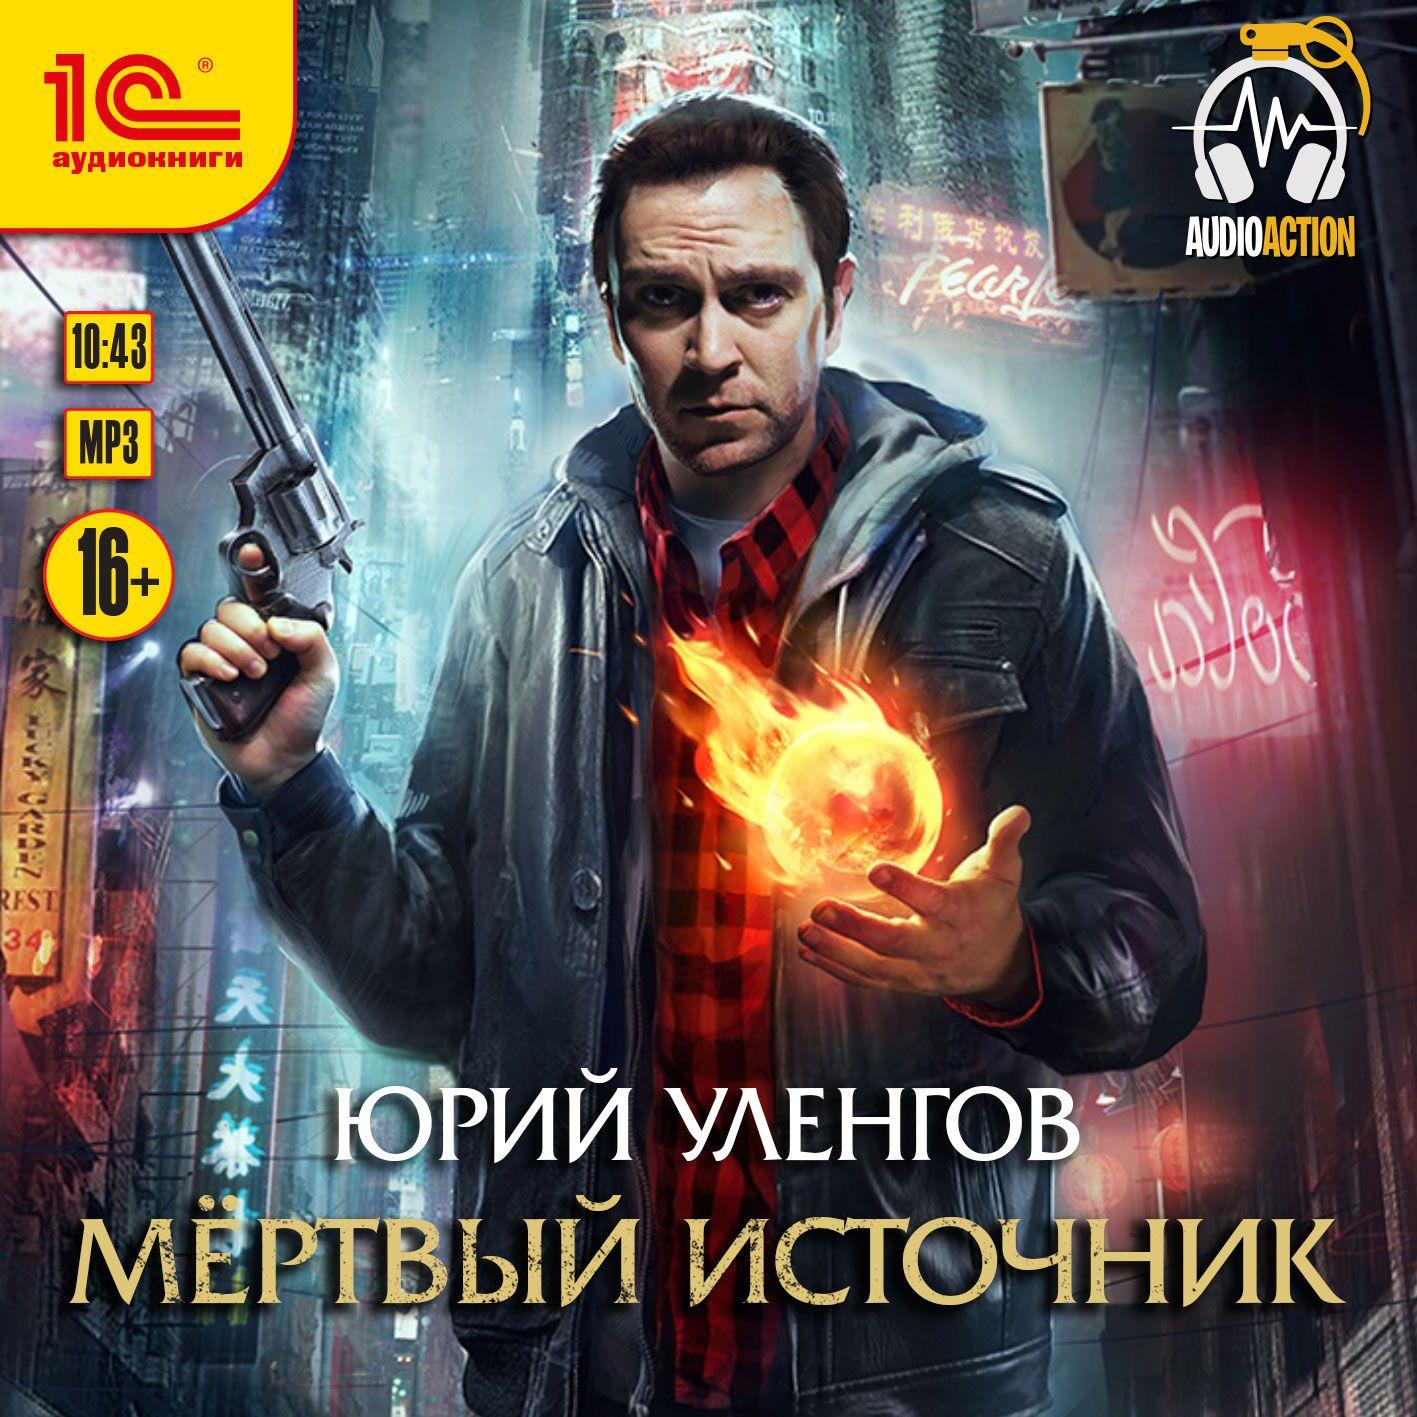 Купить книгу Мертвый источник, автора Юрия Уленгова